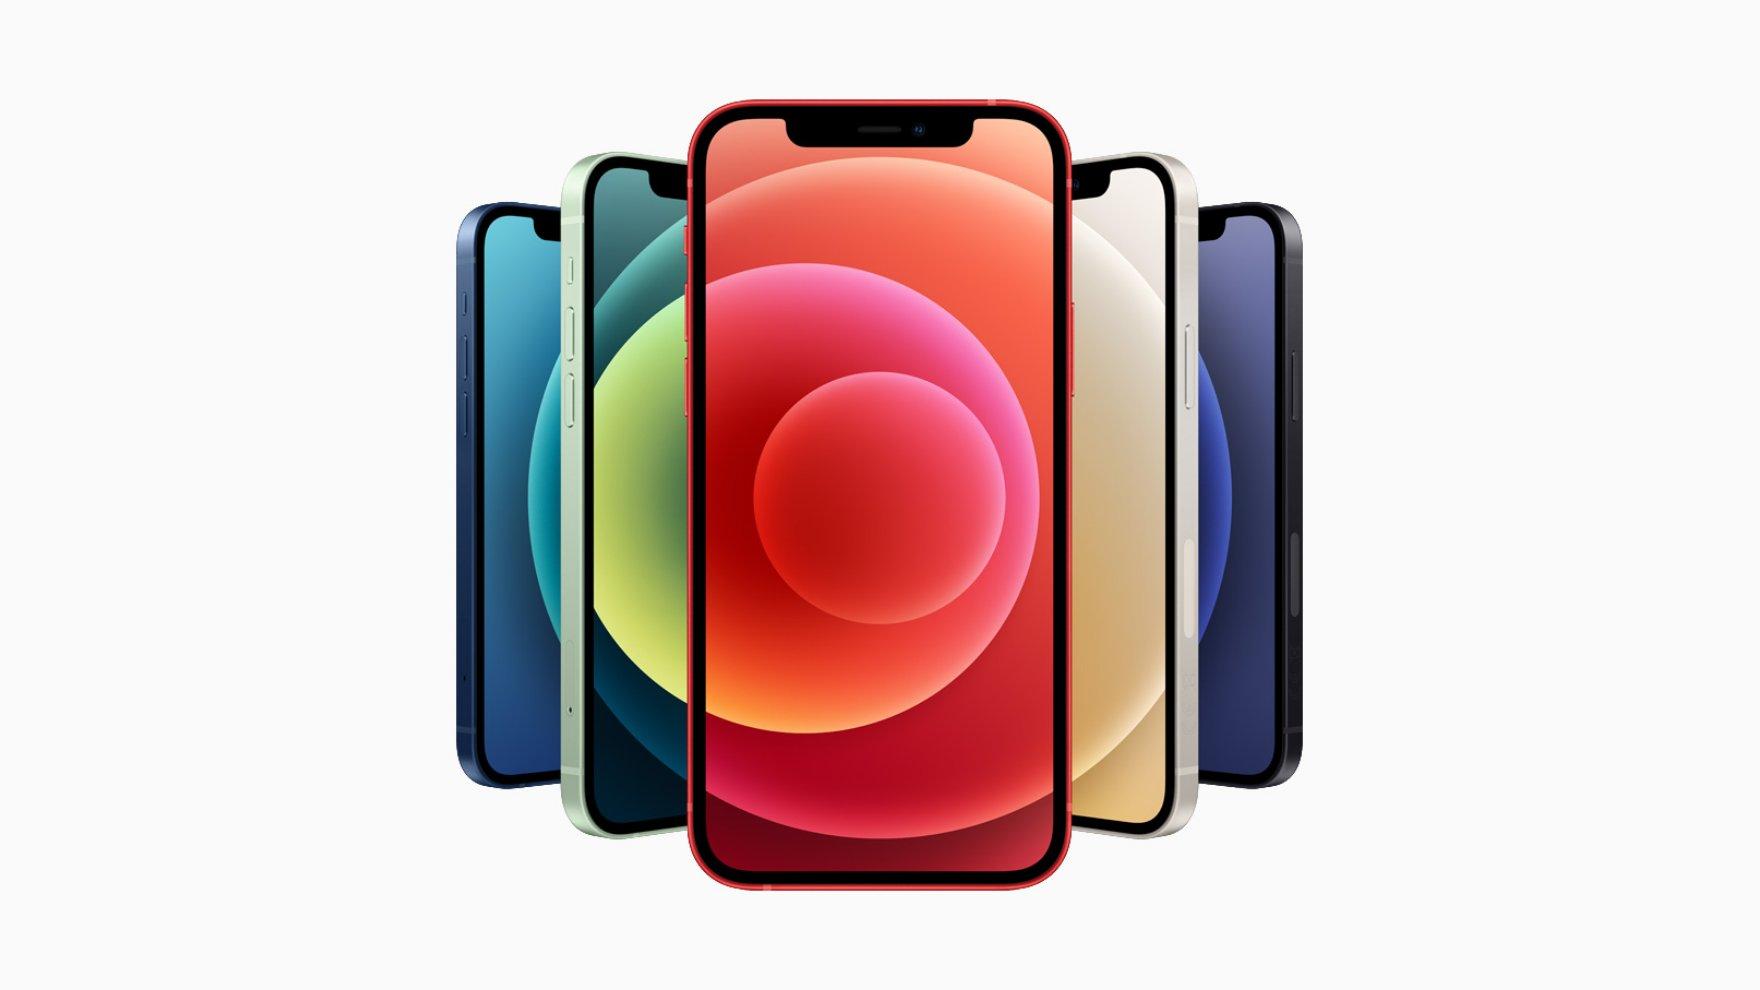 El iPhone 12 es el último modelo lanzado por Apple.